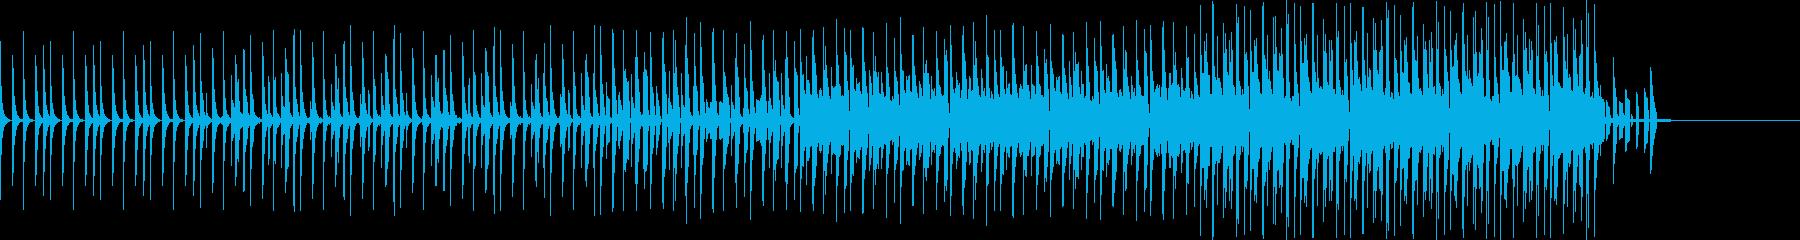 スローテンポスウィングバージョンの再生済みの波形